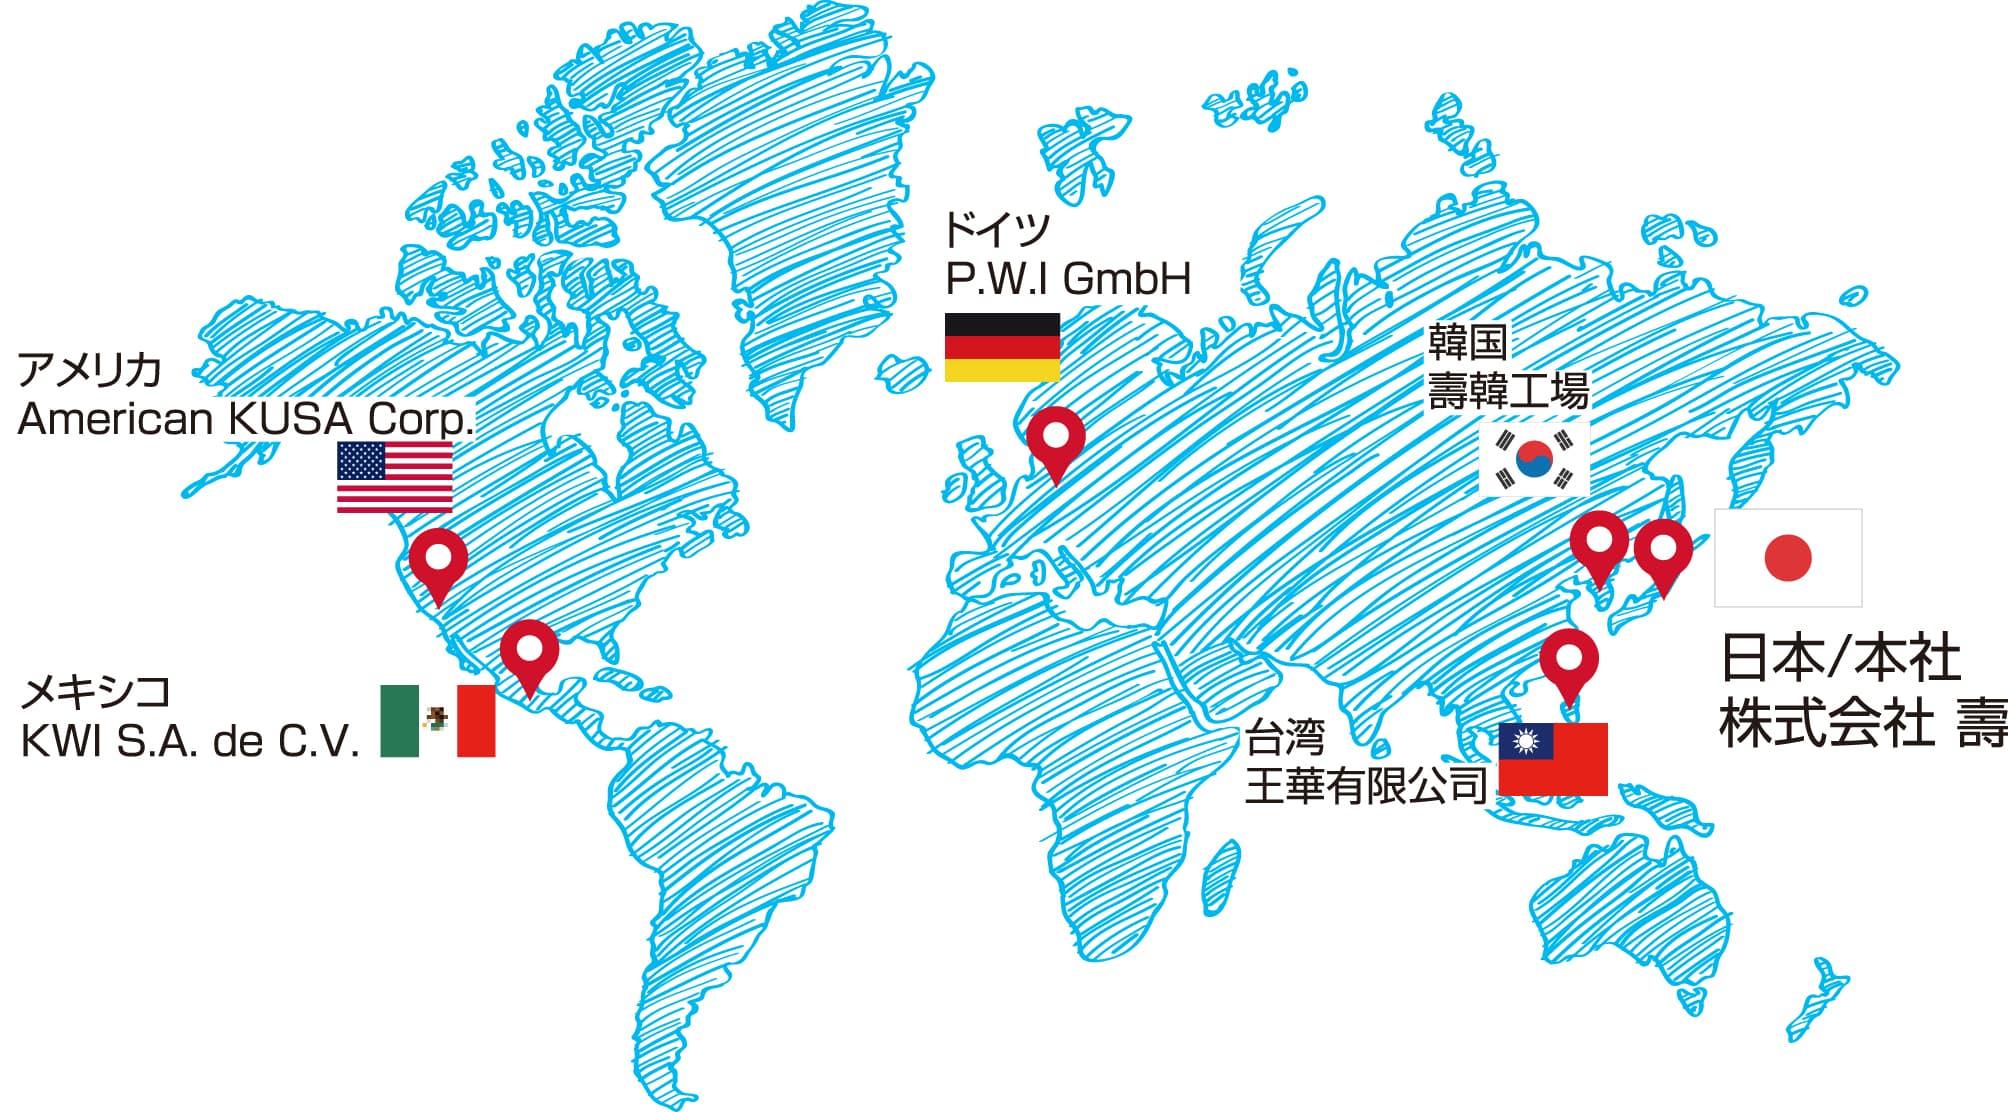 アメリカ、ドイツ、メキシコ、台湾、韓国、日本